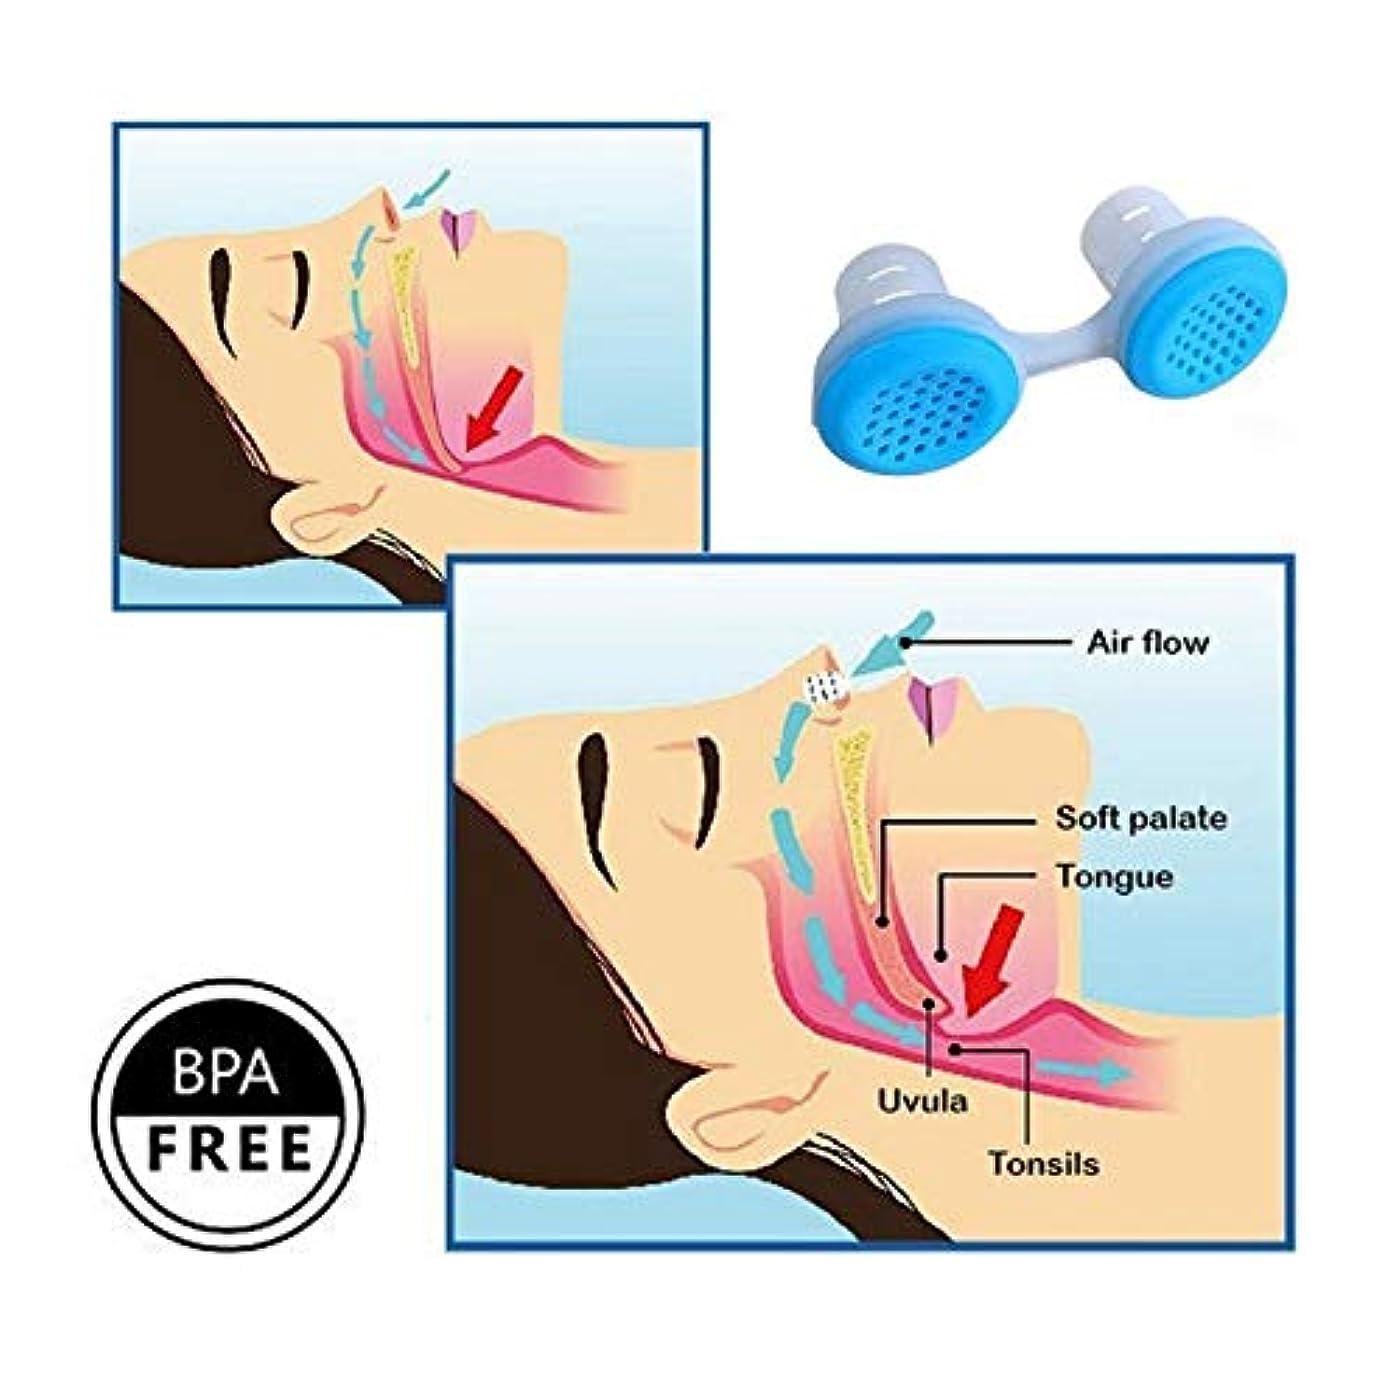 定常夢中のNOTE 新しい安心いびき鼻いびき停止呼吸装置ガード睡眠補助ミニいびき装置アンチいびきシリコーンU3